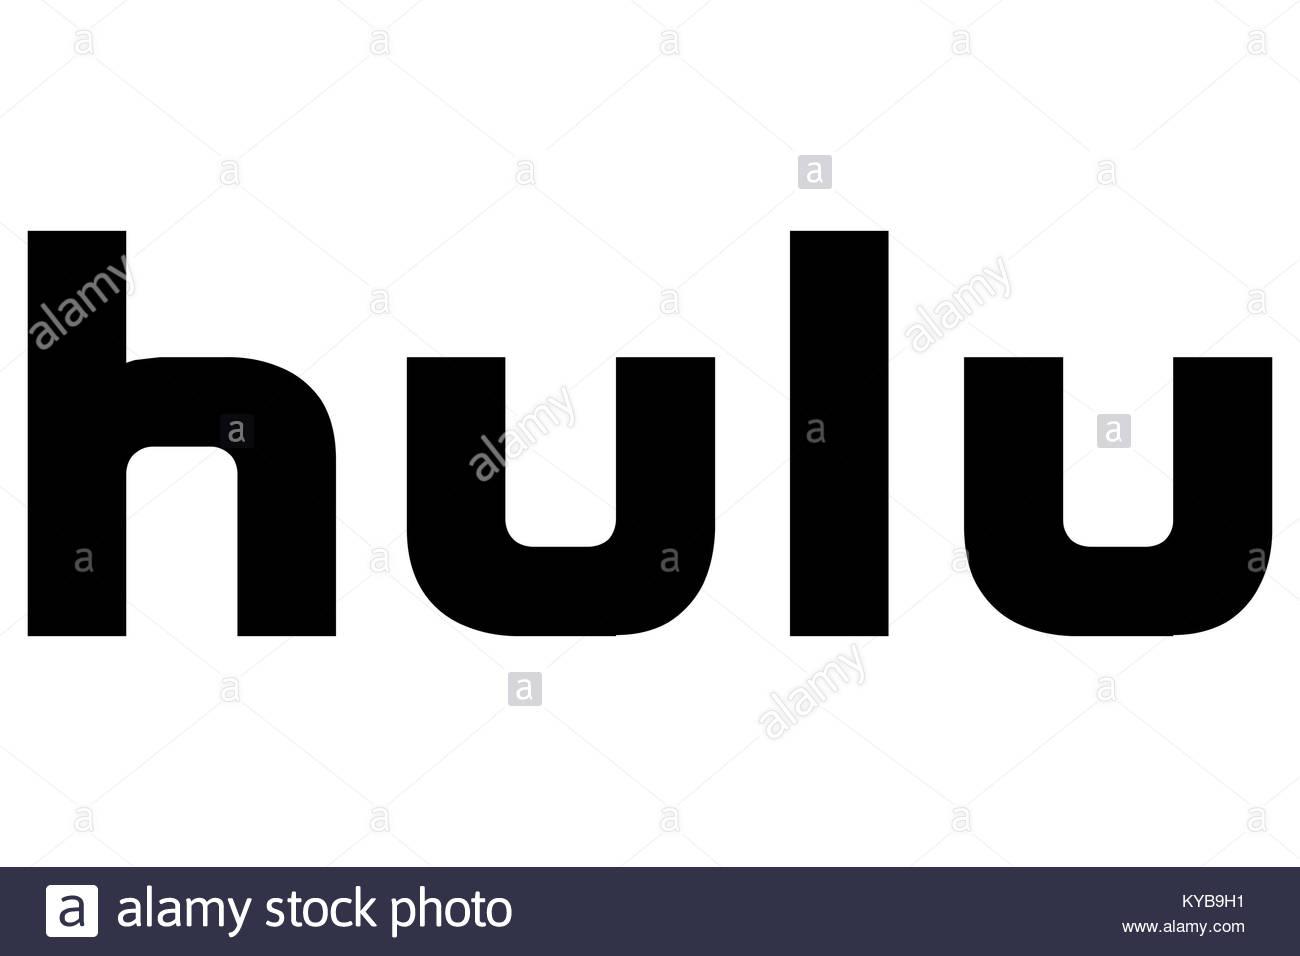 Hulu logo stock photo 171738029 alamy hulu logo biocorpaavc Gallery